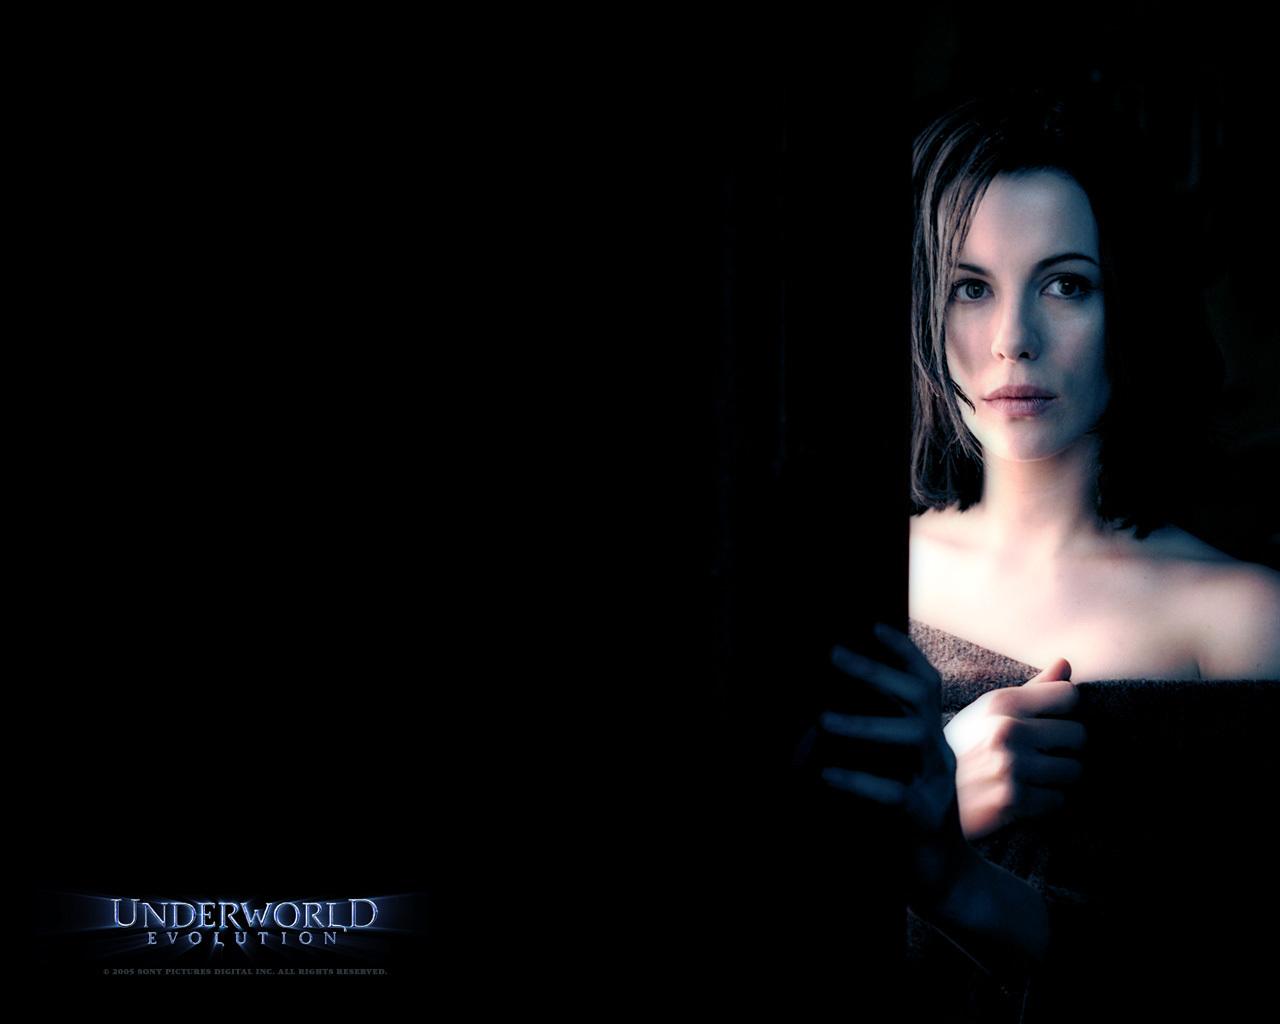 Underworld Underworld Evolution 1280x1024